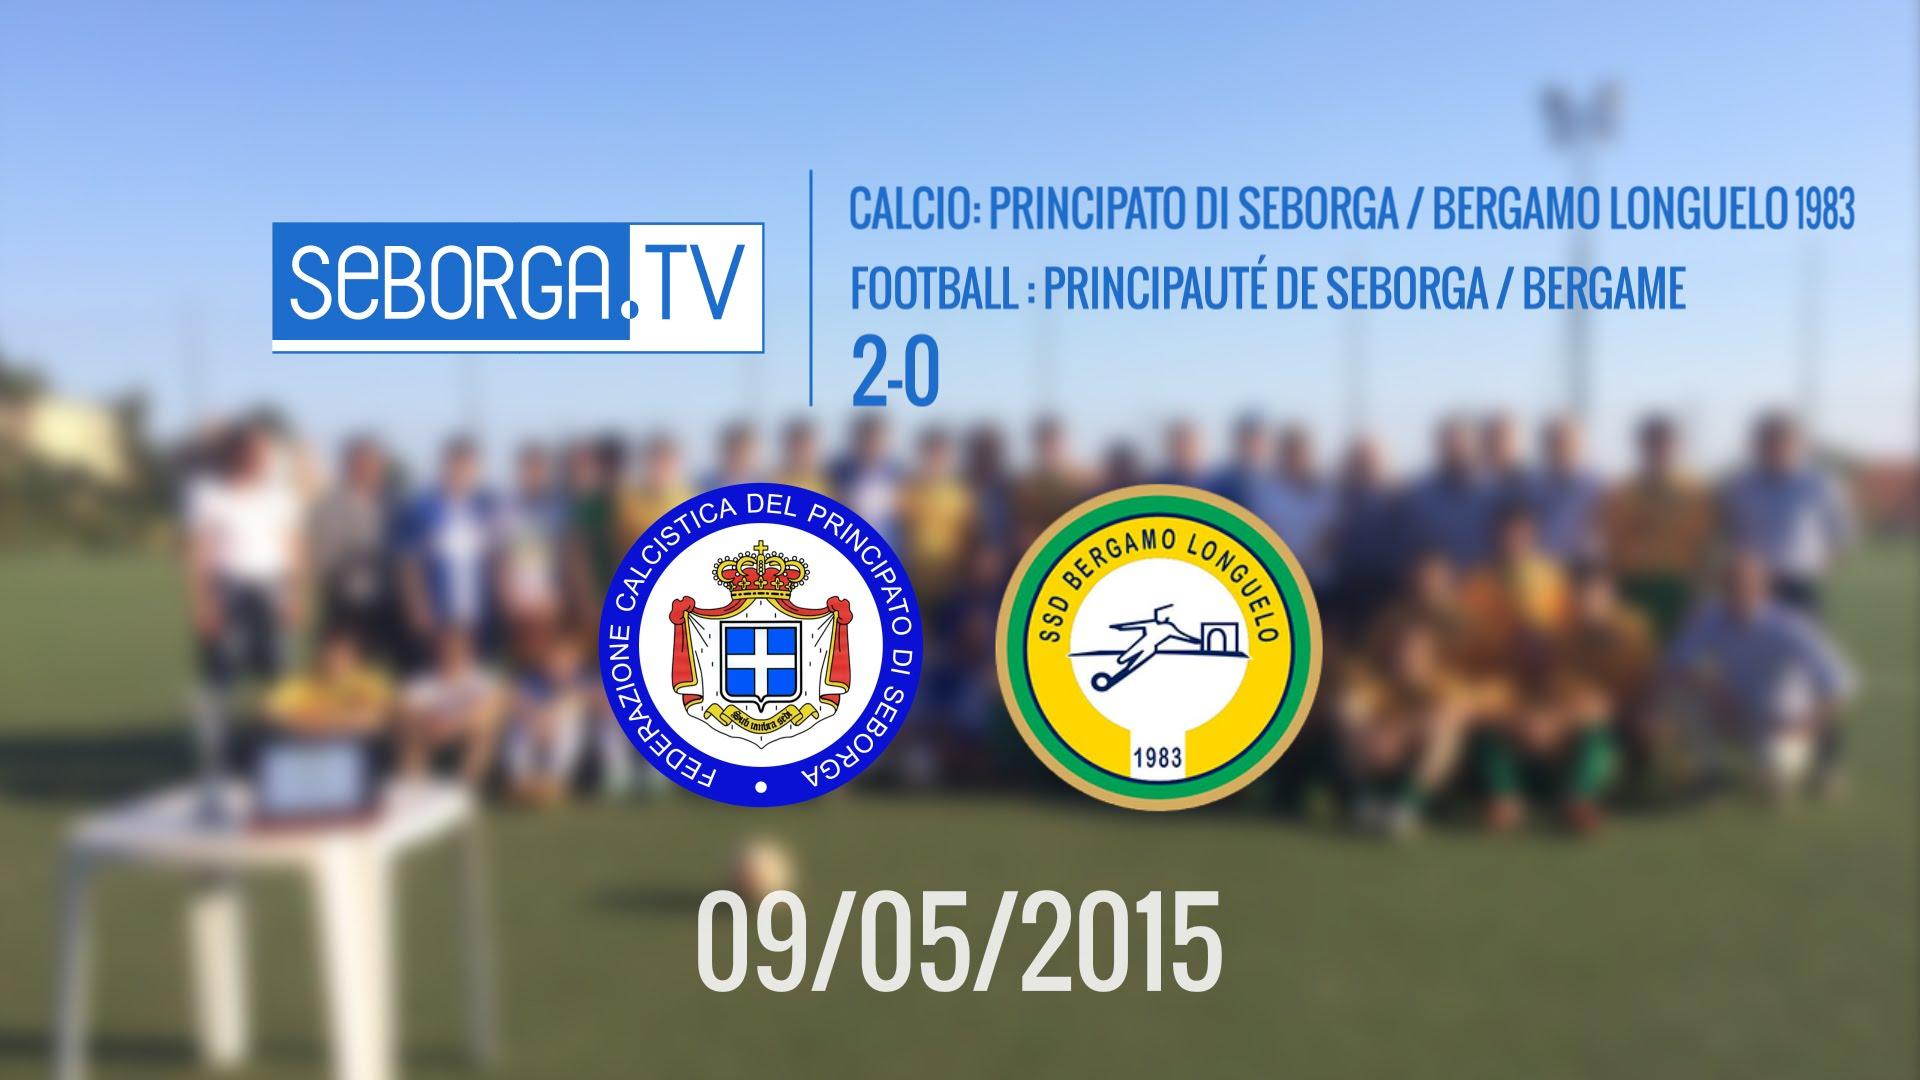 Calcio: Seborga Principato di Pace – Bergamo (2-0) (09/05/2015)